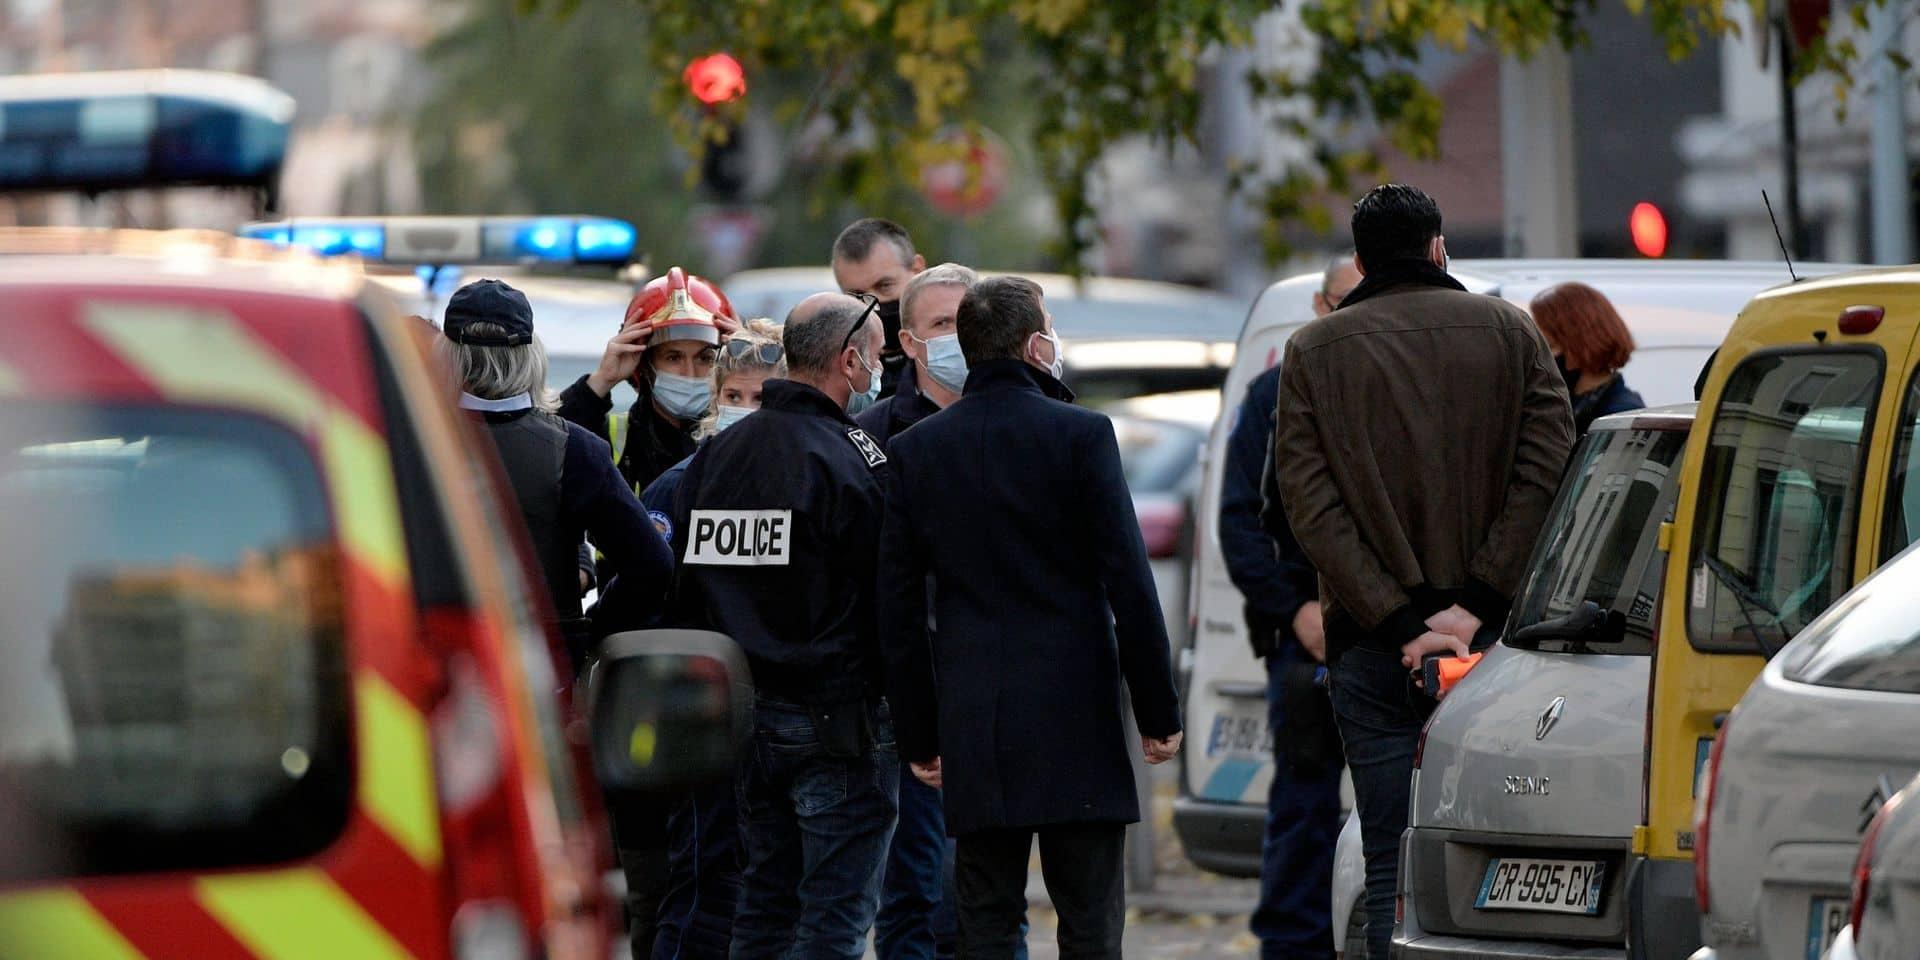 Prêtre orthodoxe blessé par balle à Lyon : les motivations de l'auteur toujours inconnues, un suspect a été arrêté